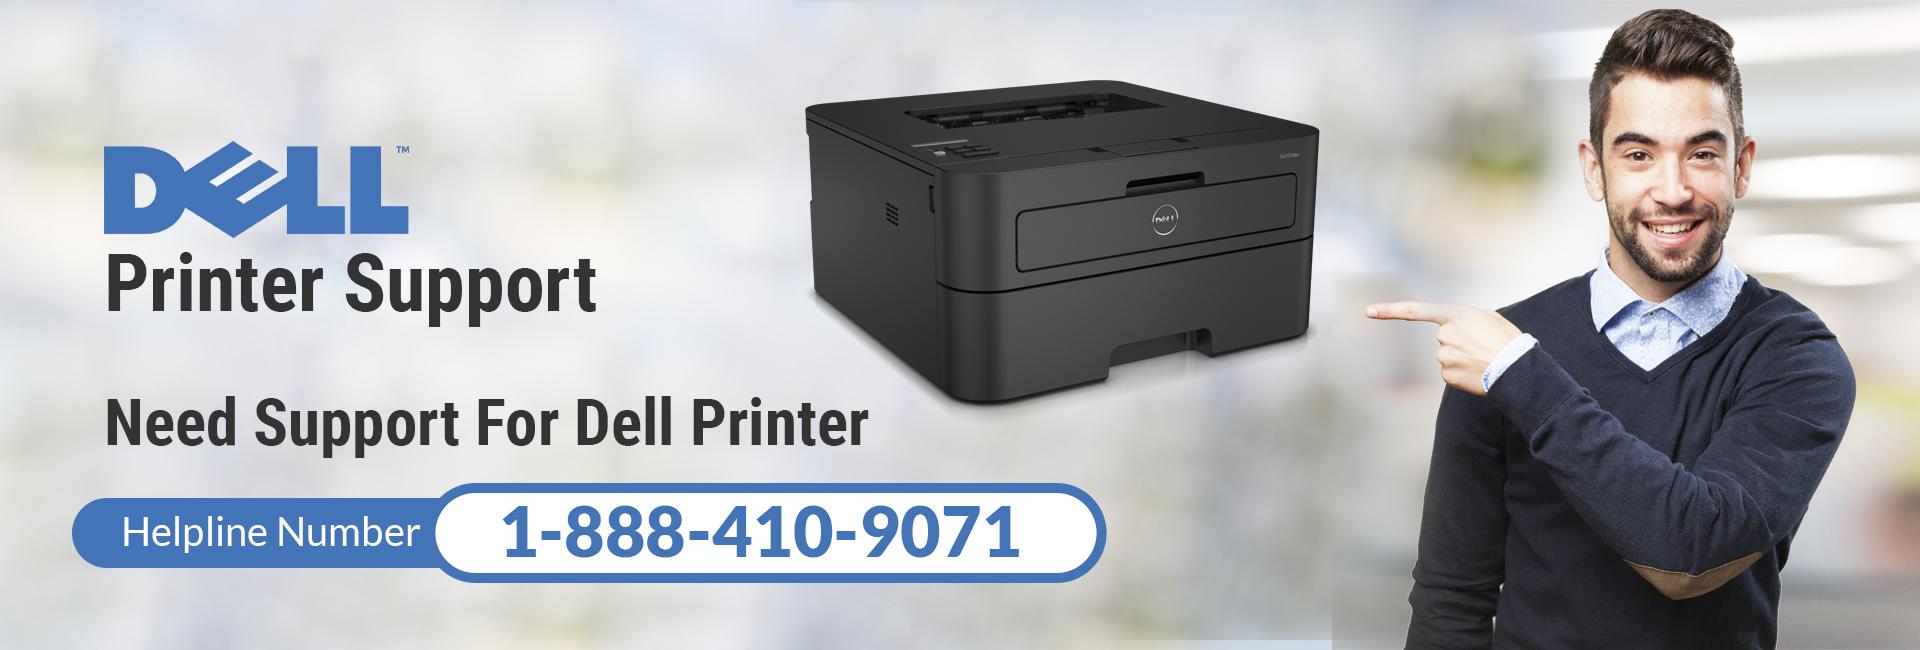 Dell Printer Support 1-888-410-9071